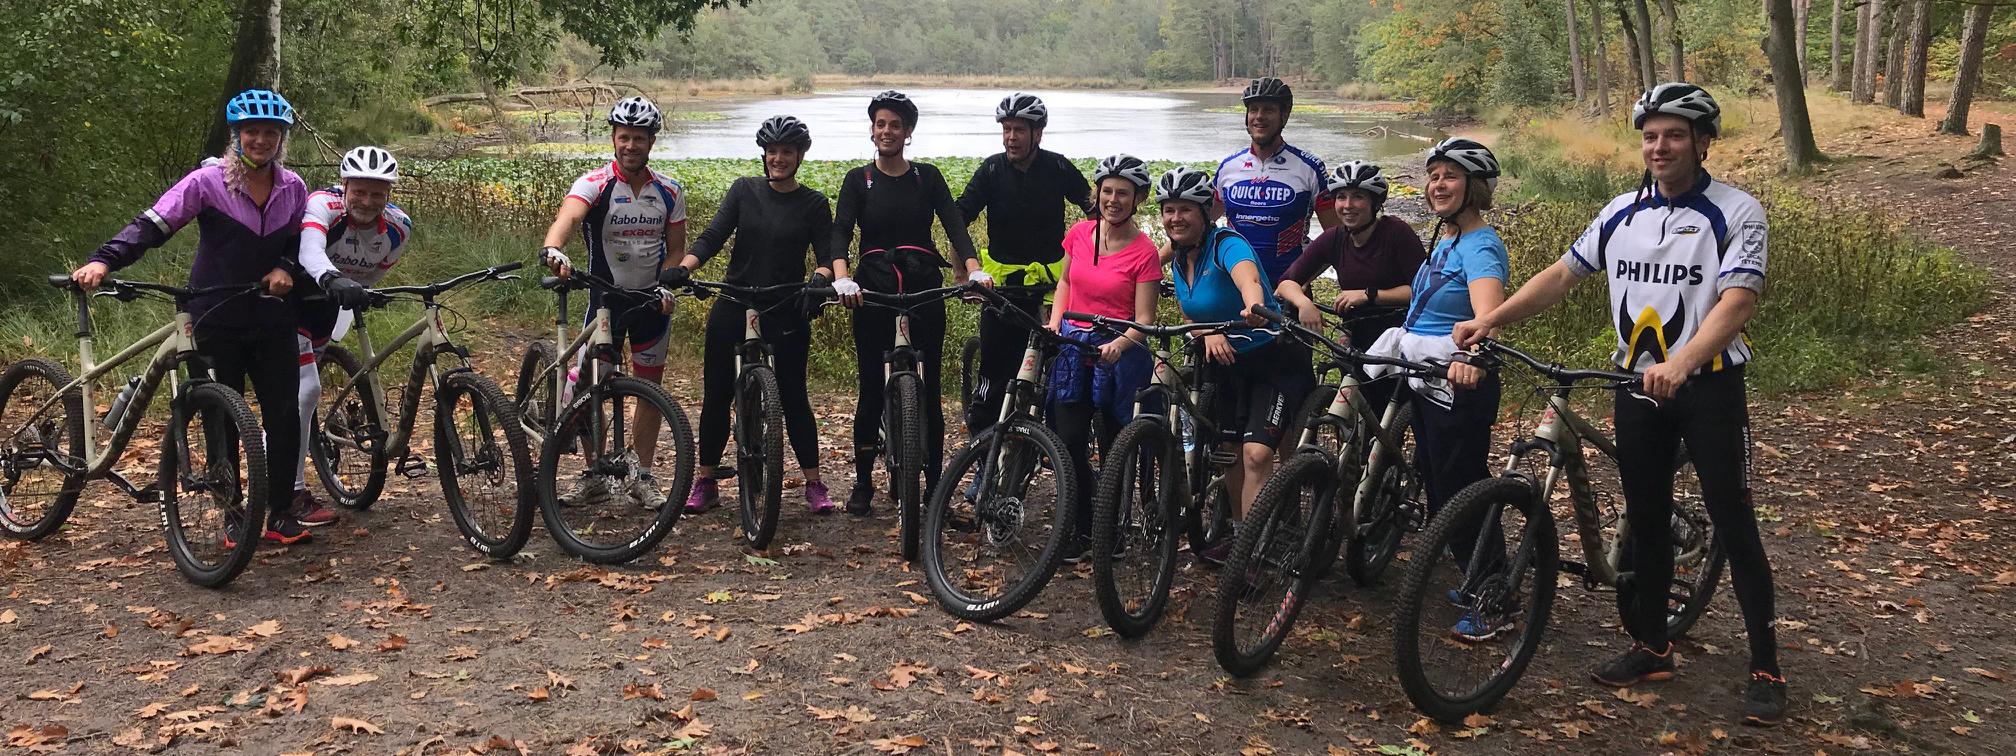 Mountainbike tour Eindhoven